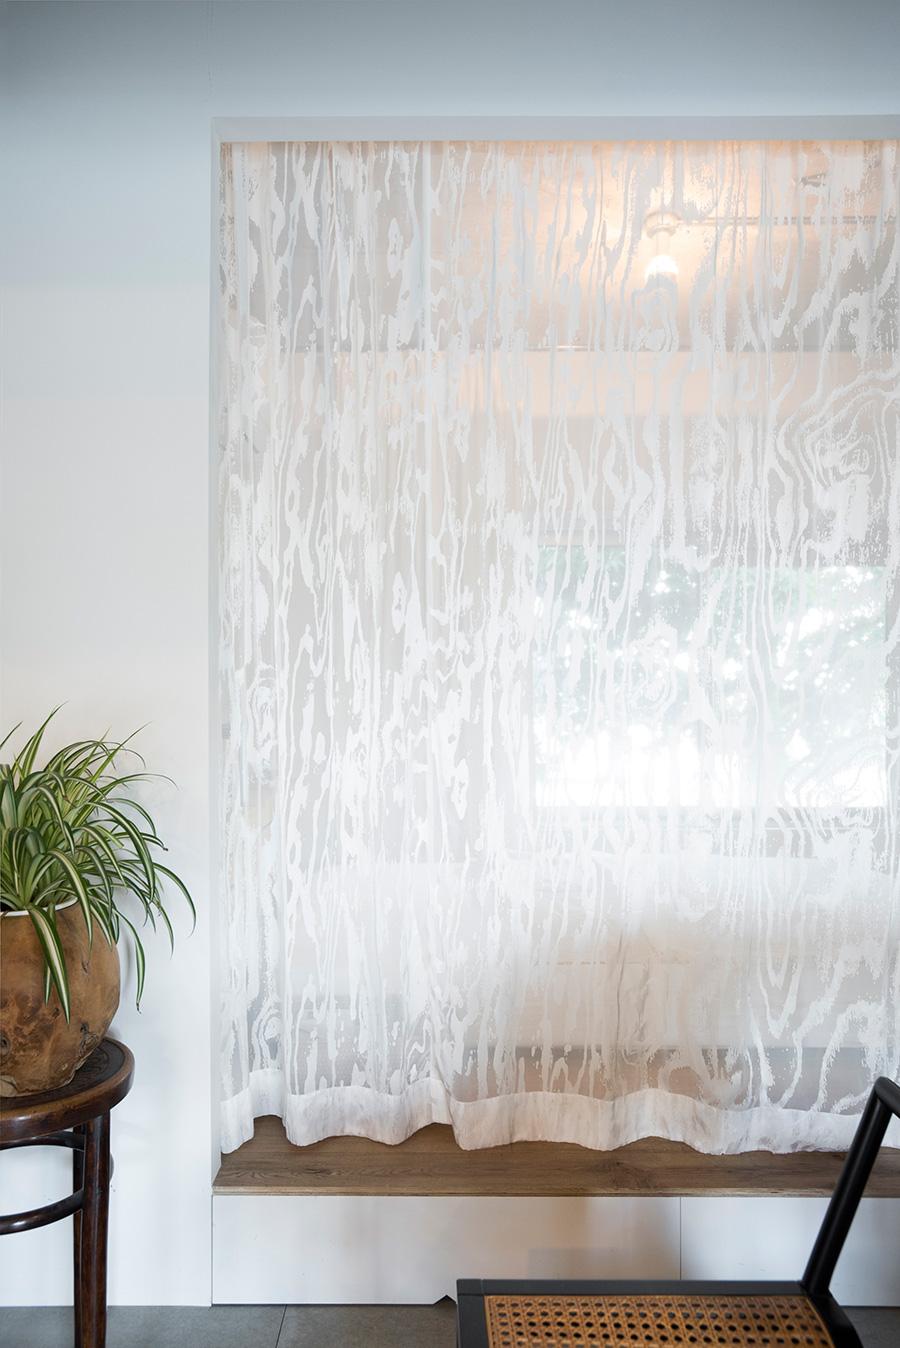 180910oga-015ベッドルームを間仕切るカーテンは、友紀さんがデザインしたもの。木材をスキャンして木目を柄に出した。レースのような繊細さ。